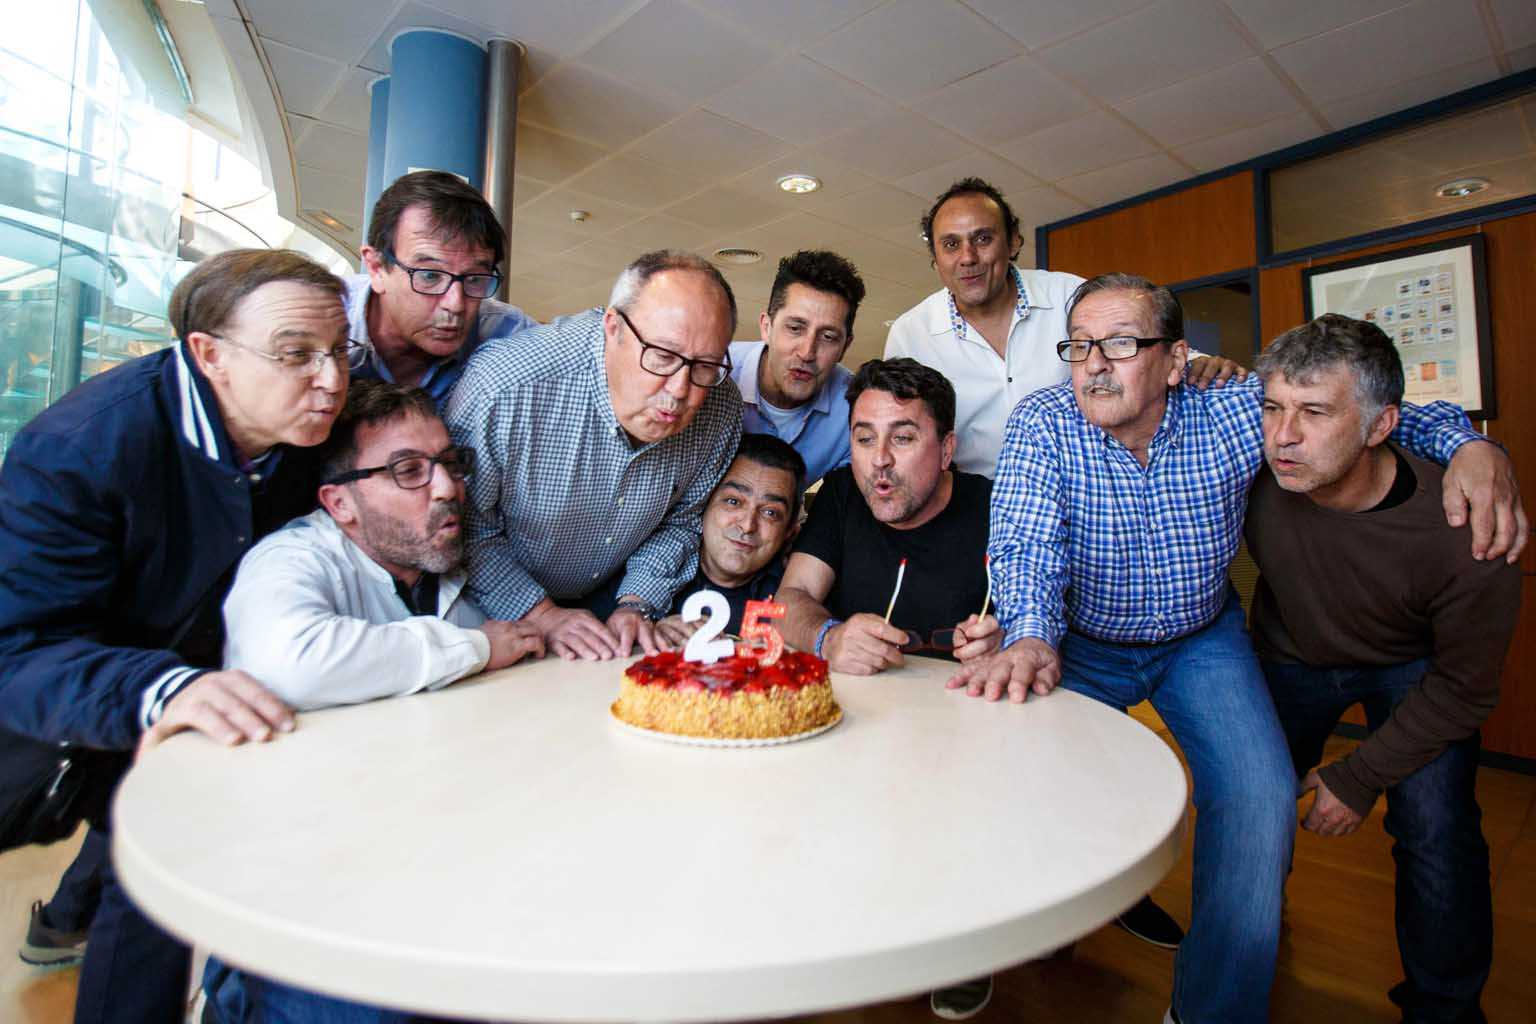 Los pioneros del Diariodeporte celebrando el 25 aniversario del suplemento, que se ha cumplicdo este año. Toni Escobar